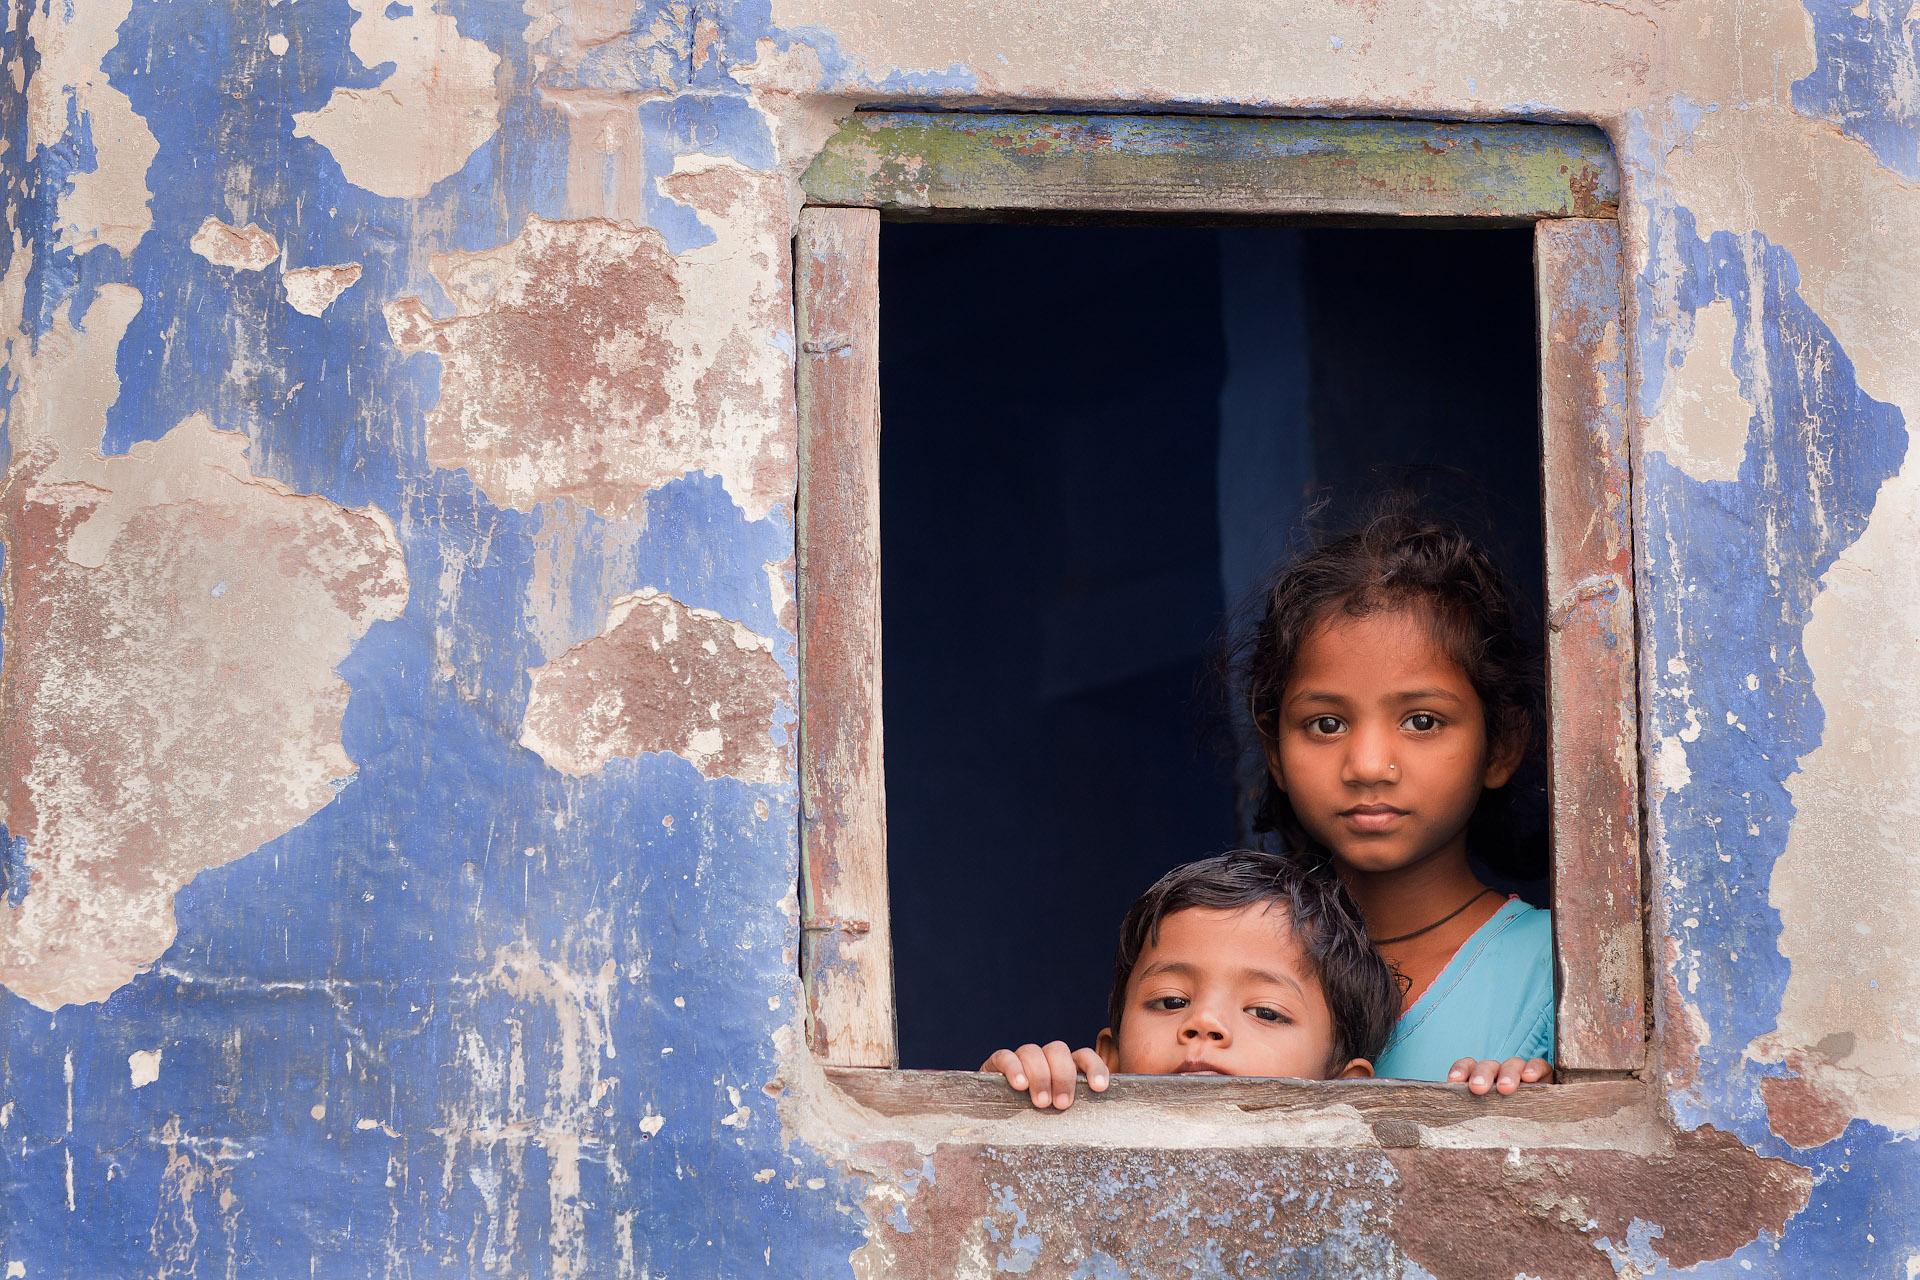 India-Travel-Rajasthan-Jodhpur-Blue-Portrait-2.JPG